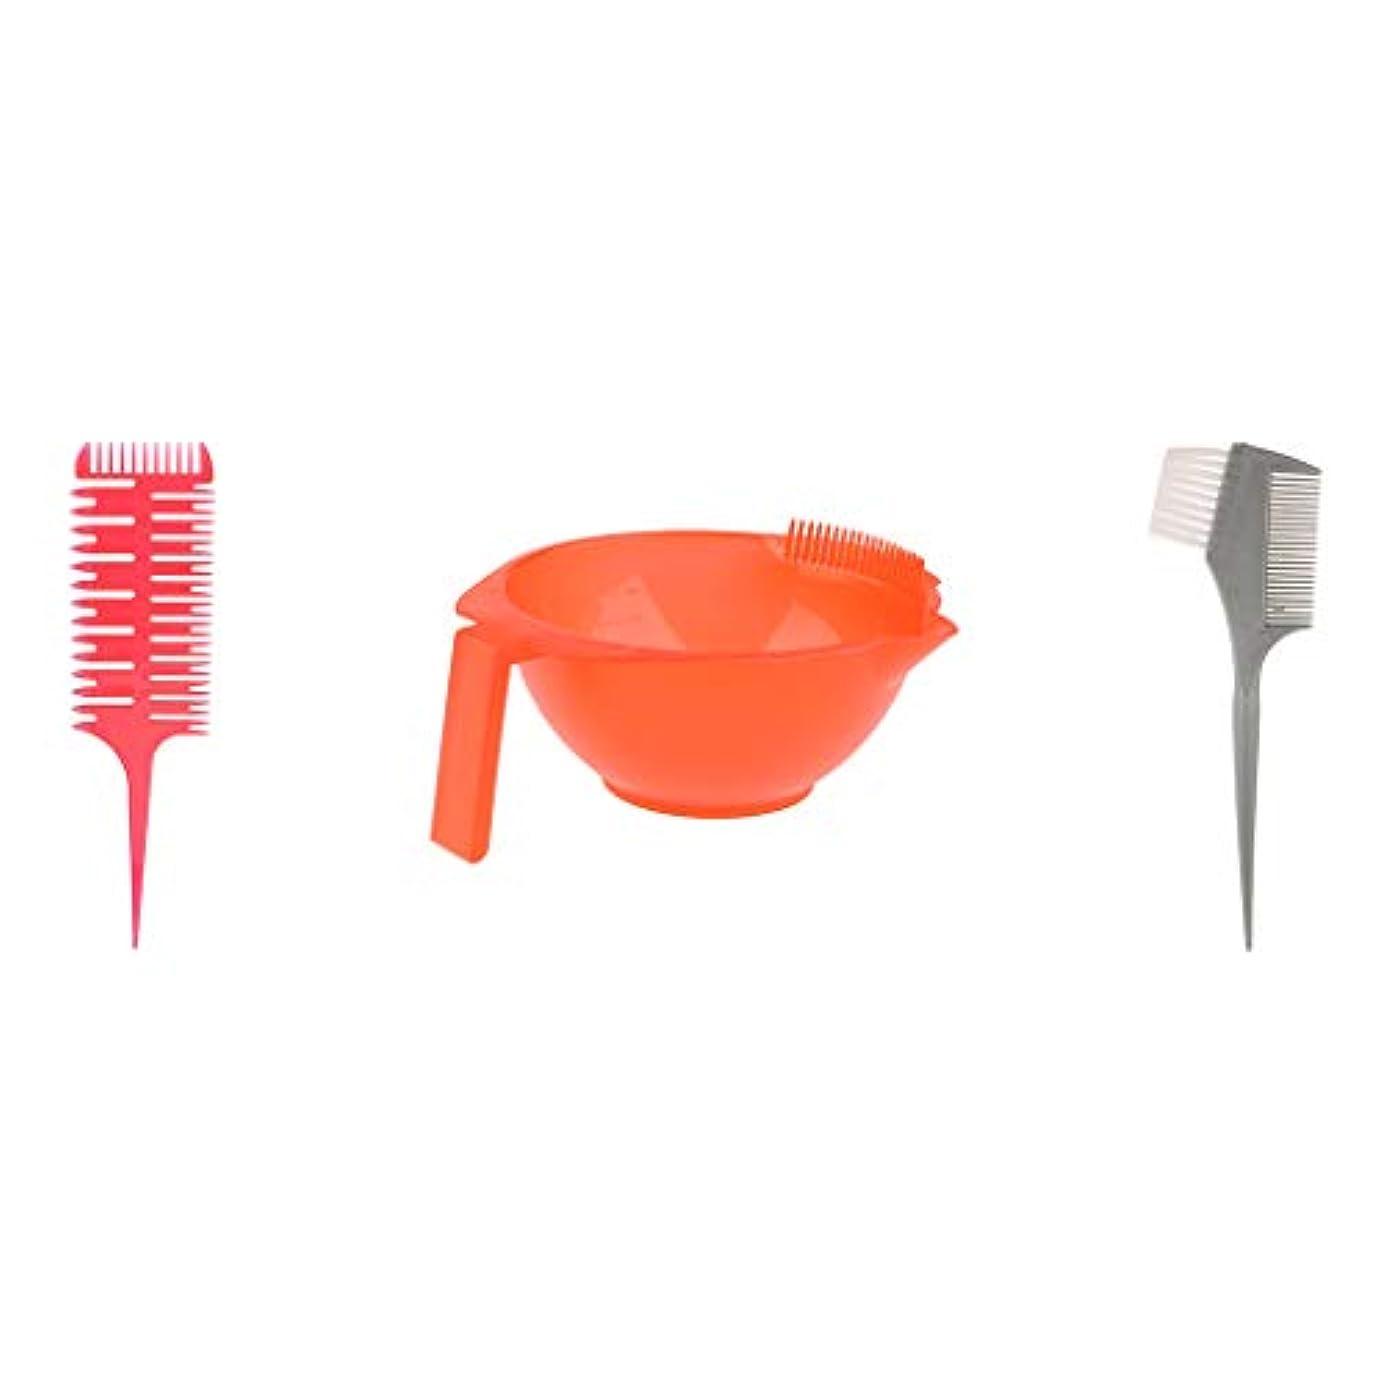 汚染ブリードシネウィへアカラーセット ブラシボウル付き ヘアダイブラシ DIY髪染め用 サロン 美髪師用 ヘアカラーの用具